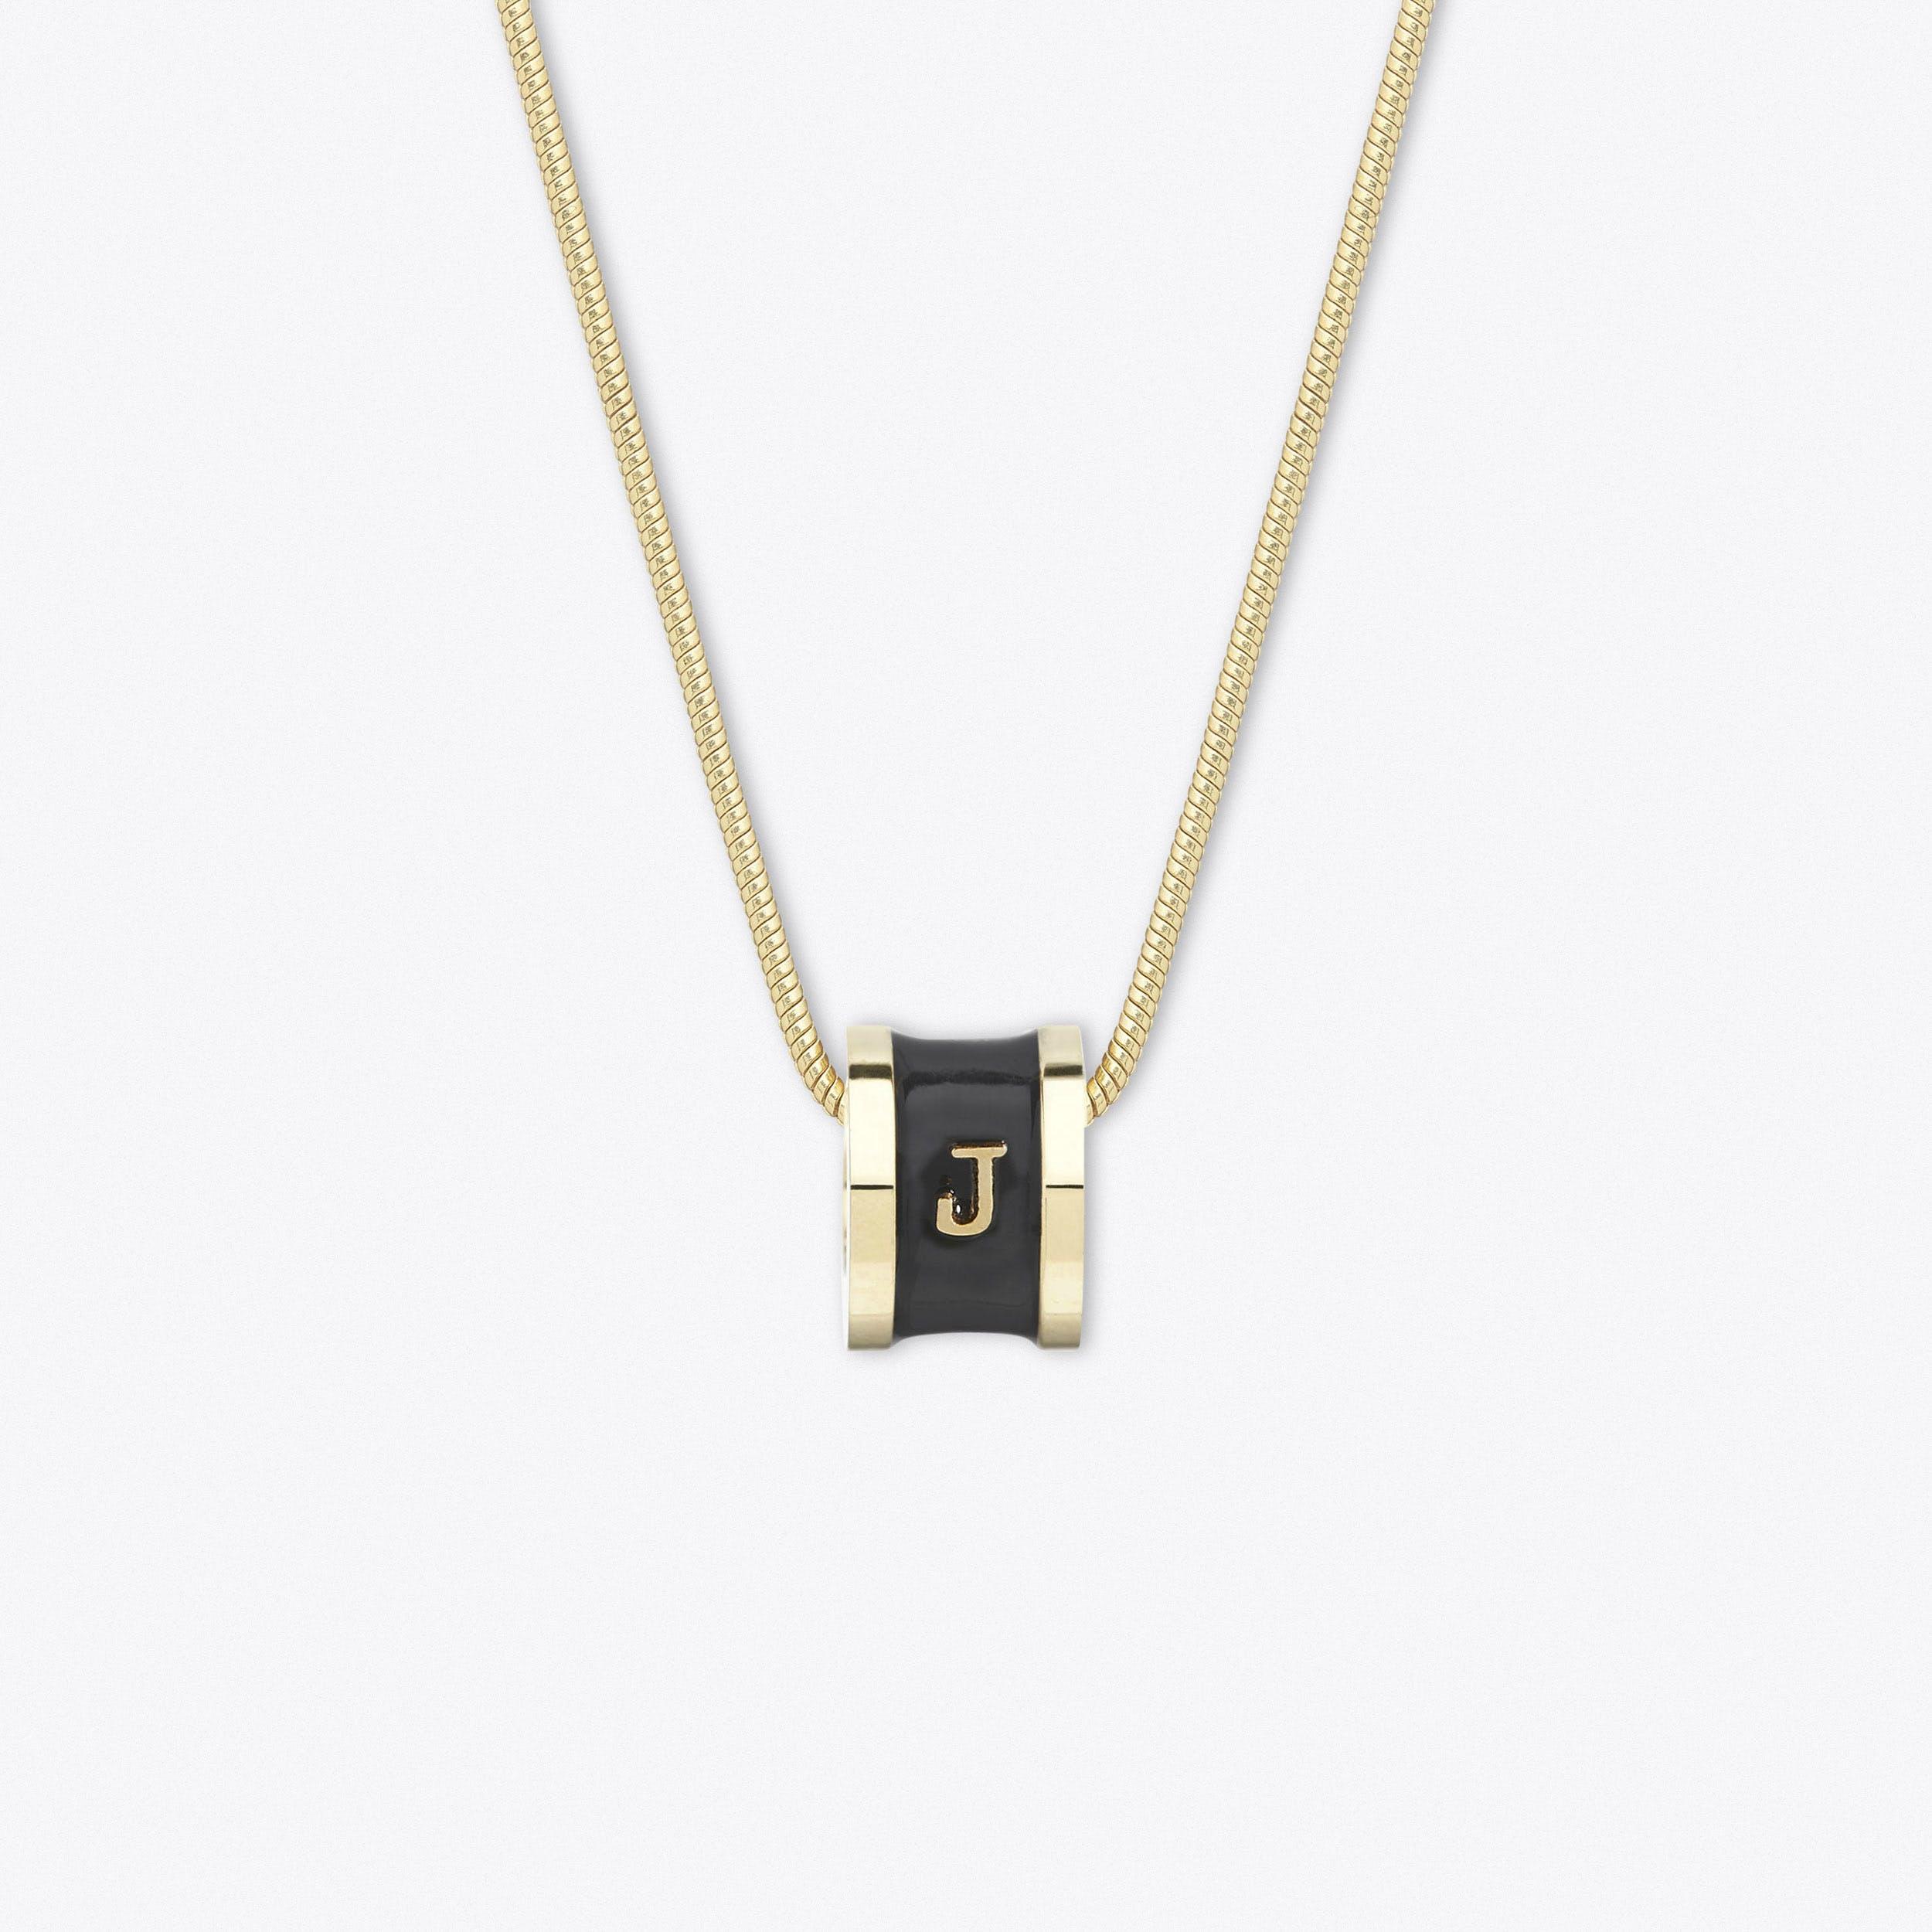 24ct Necklace J